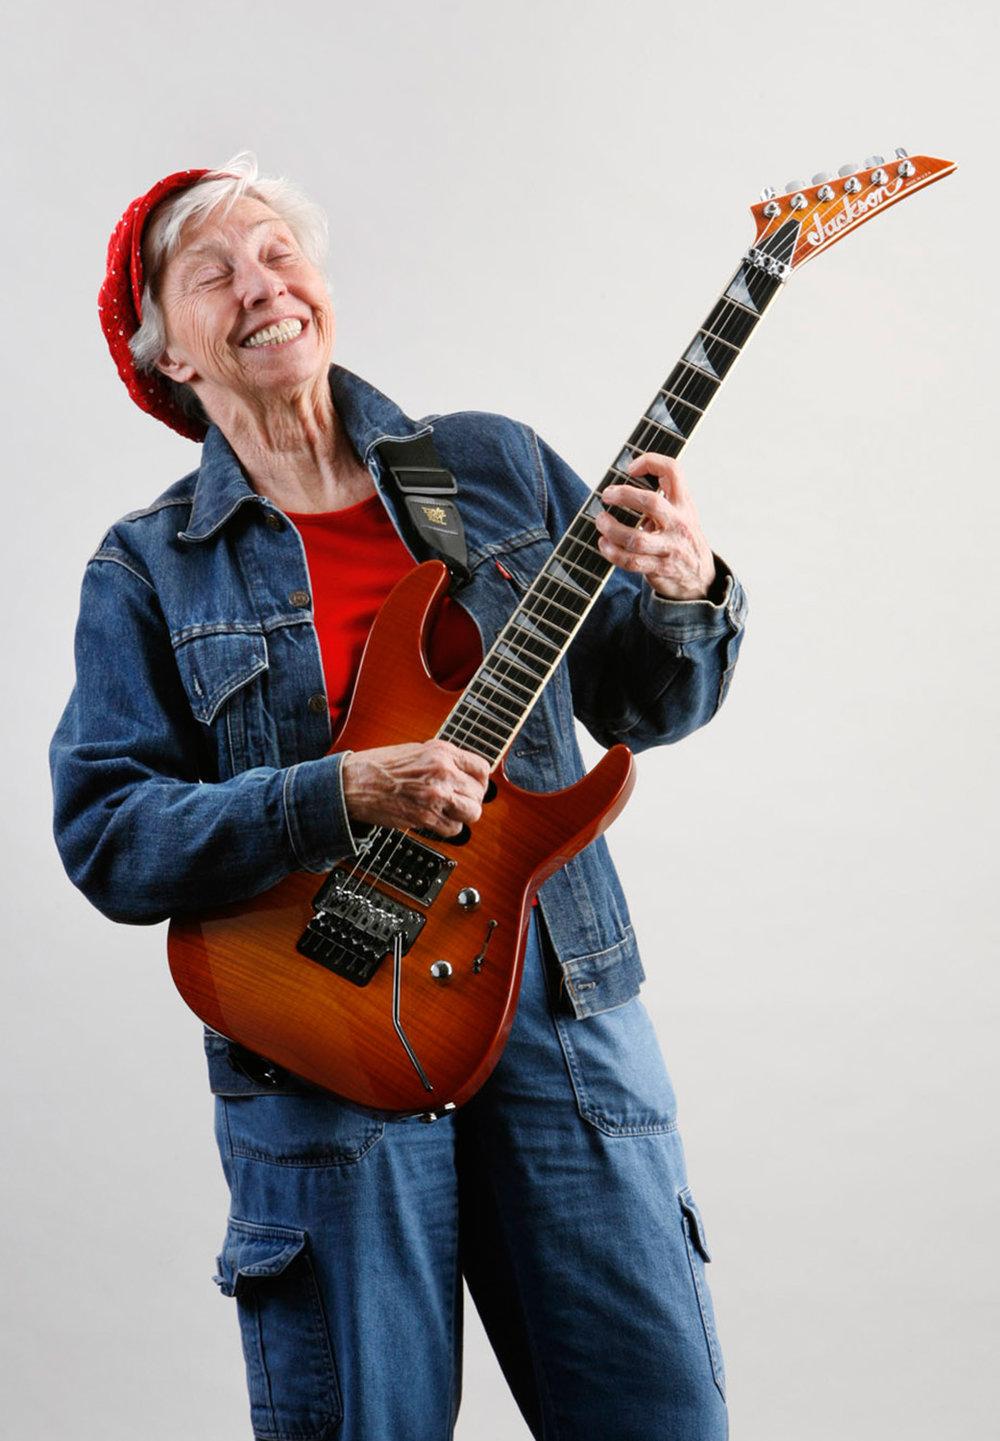 Rubin_Guitar Granny Image_0846.jpg